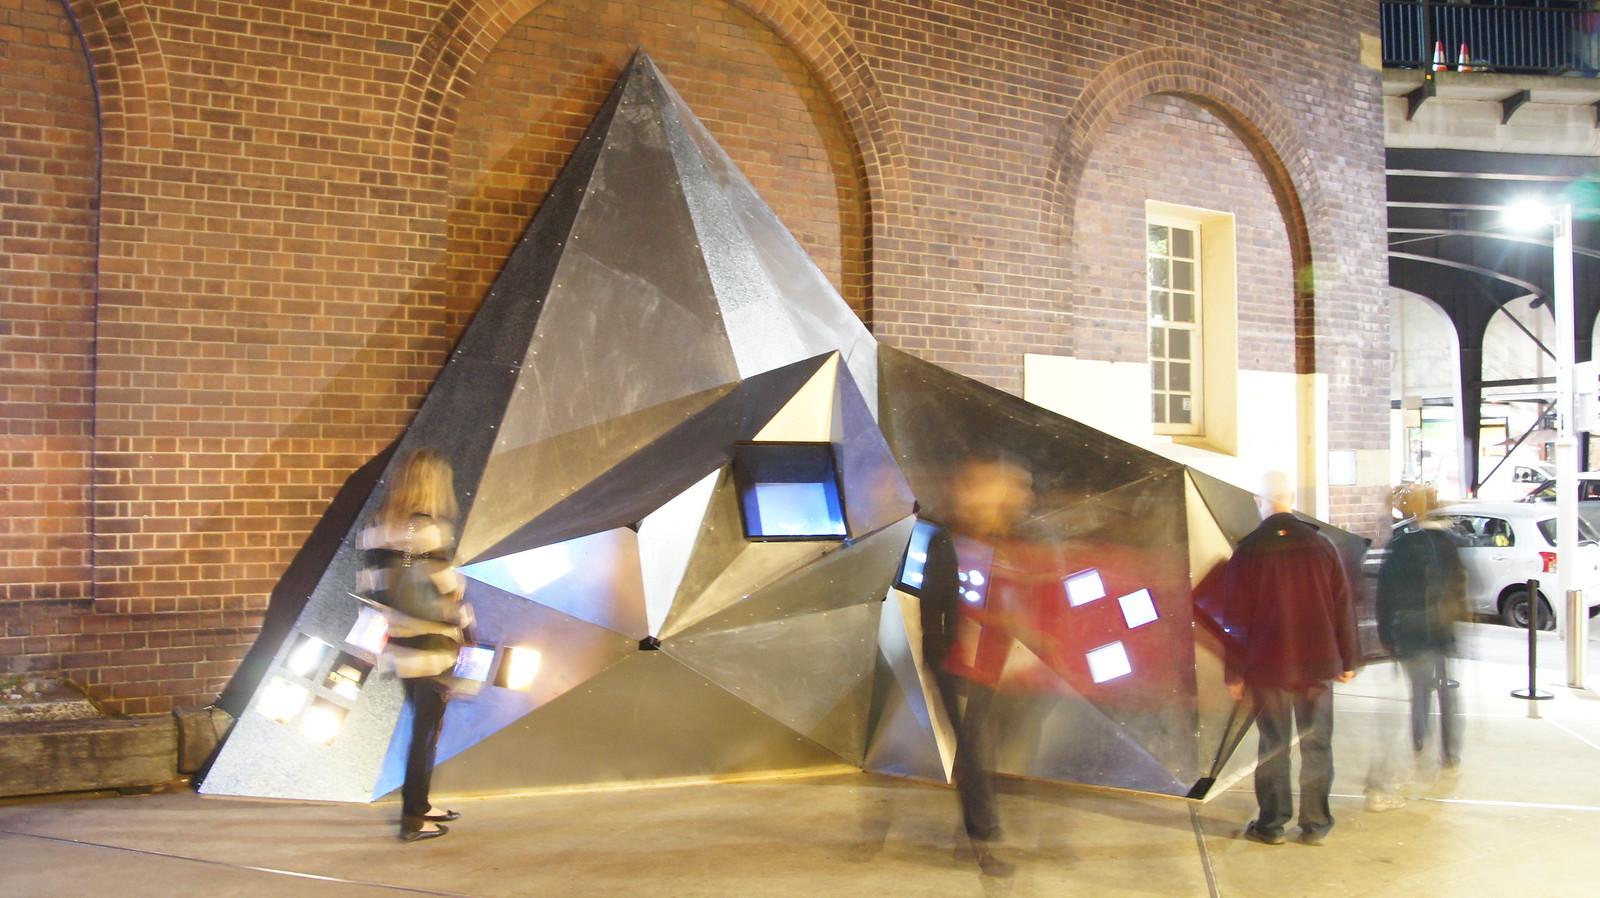 Vivid 2014 installation